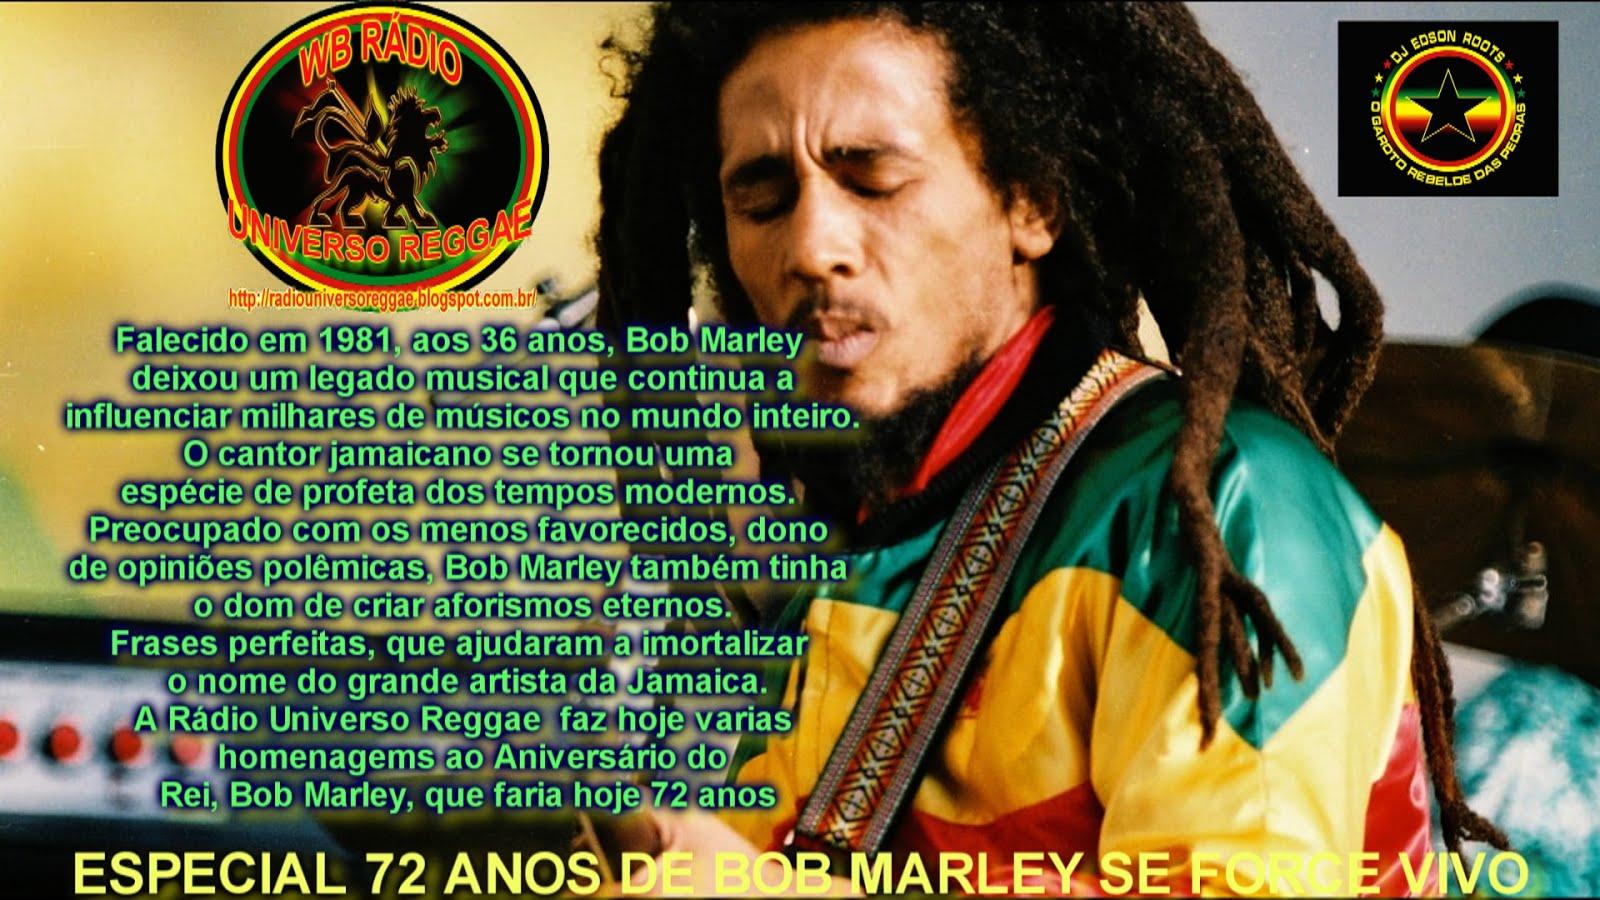 Homenagemsao Aniversário do Rei, Bob Marley